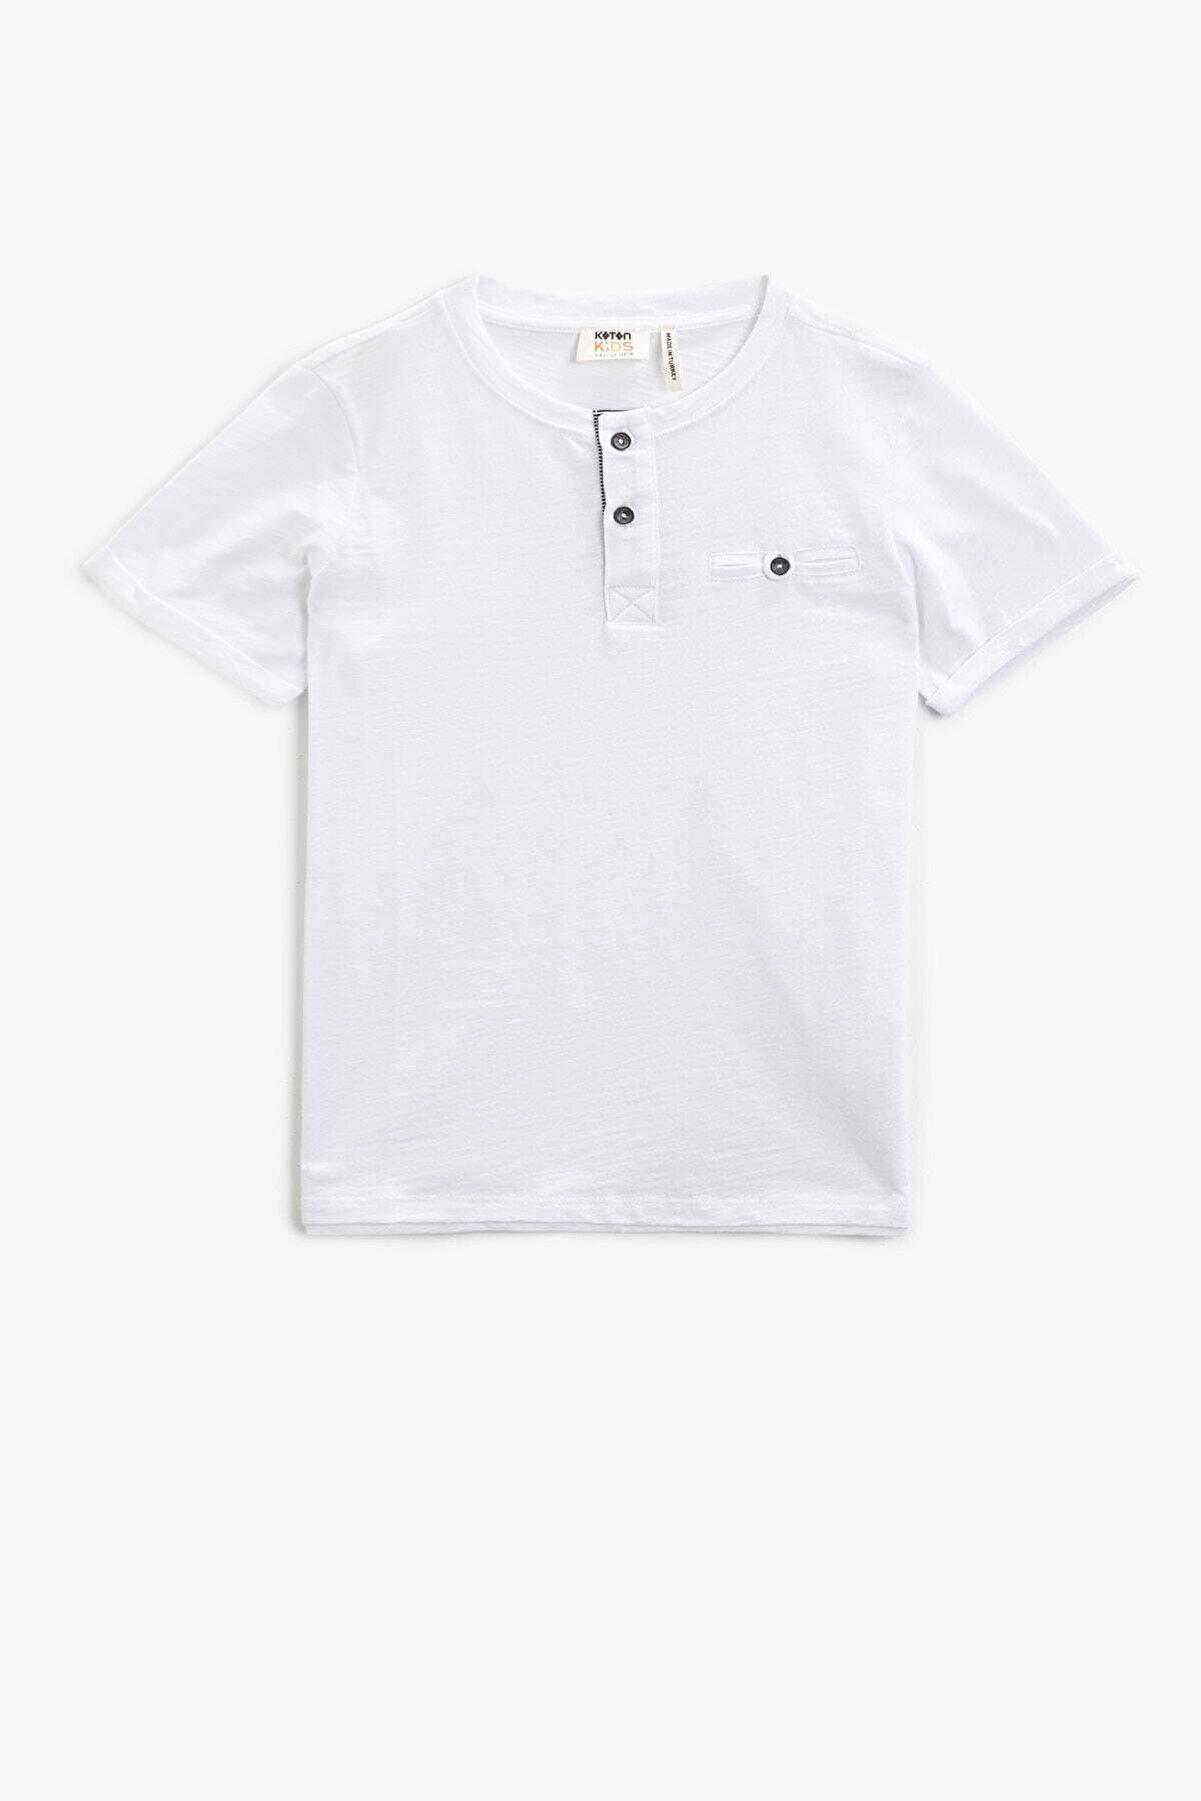 Koton Erkek Çocuk Beyaz T-Shirt 1YKB18504OK